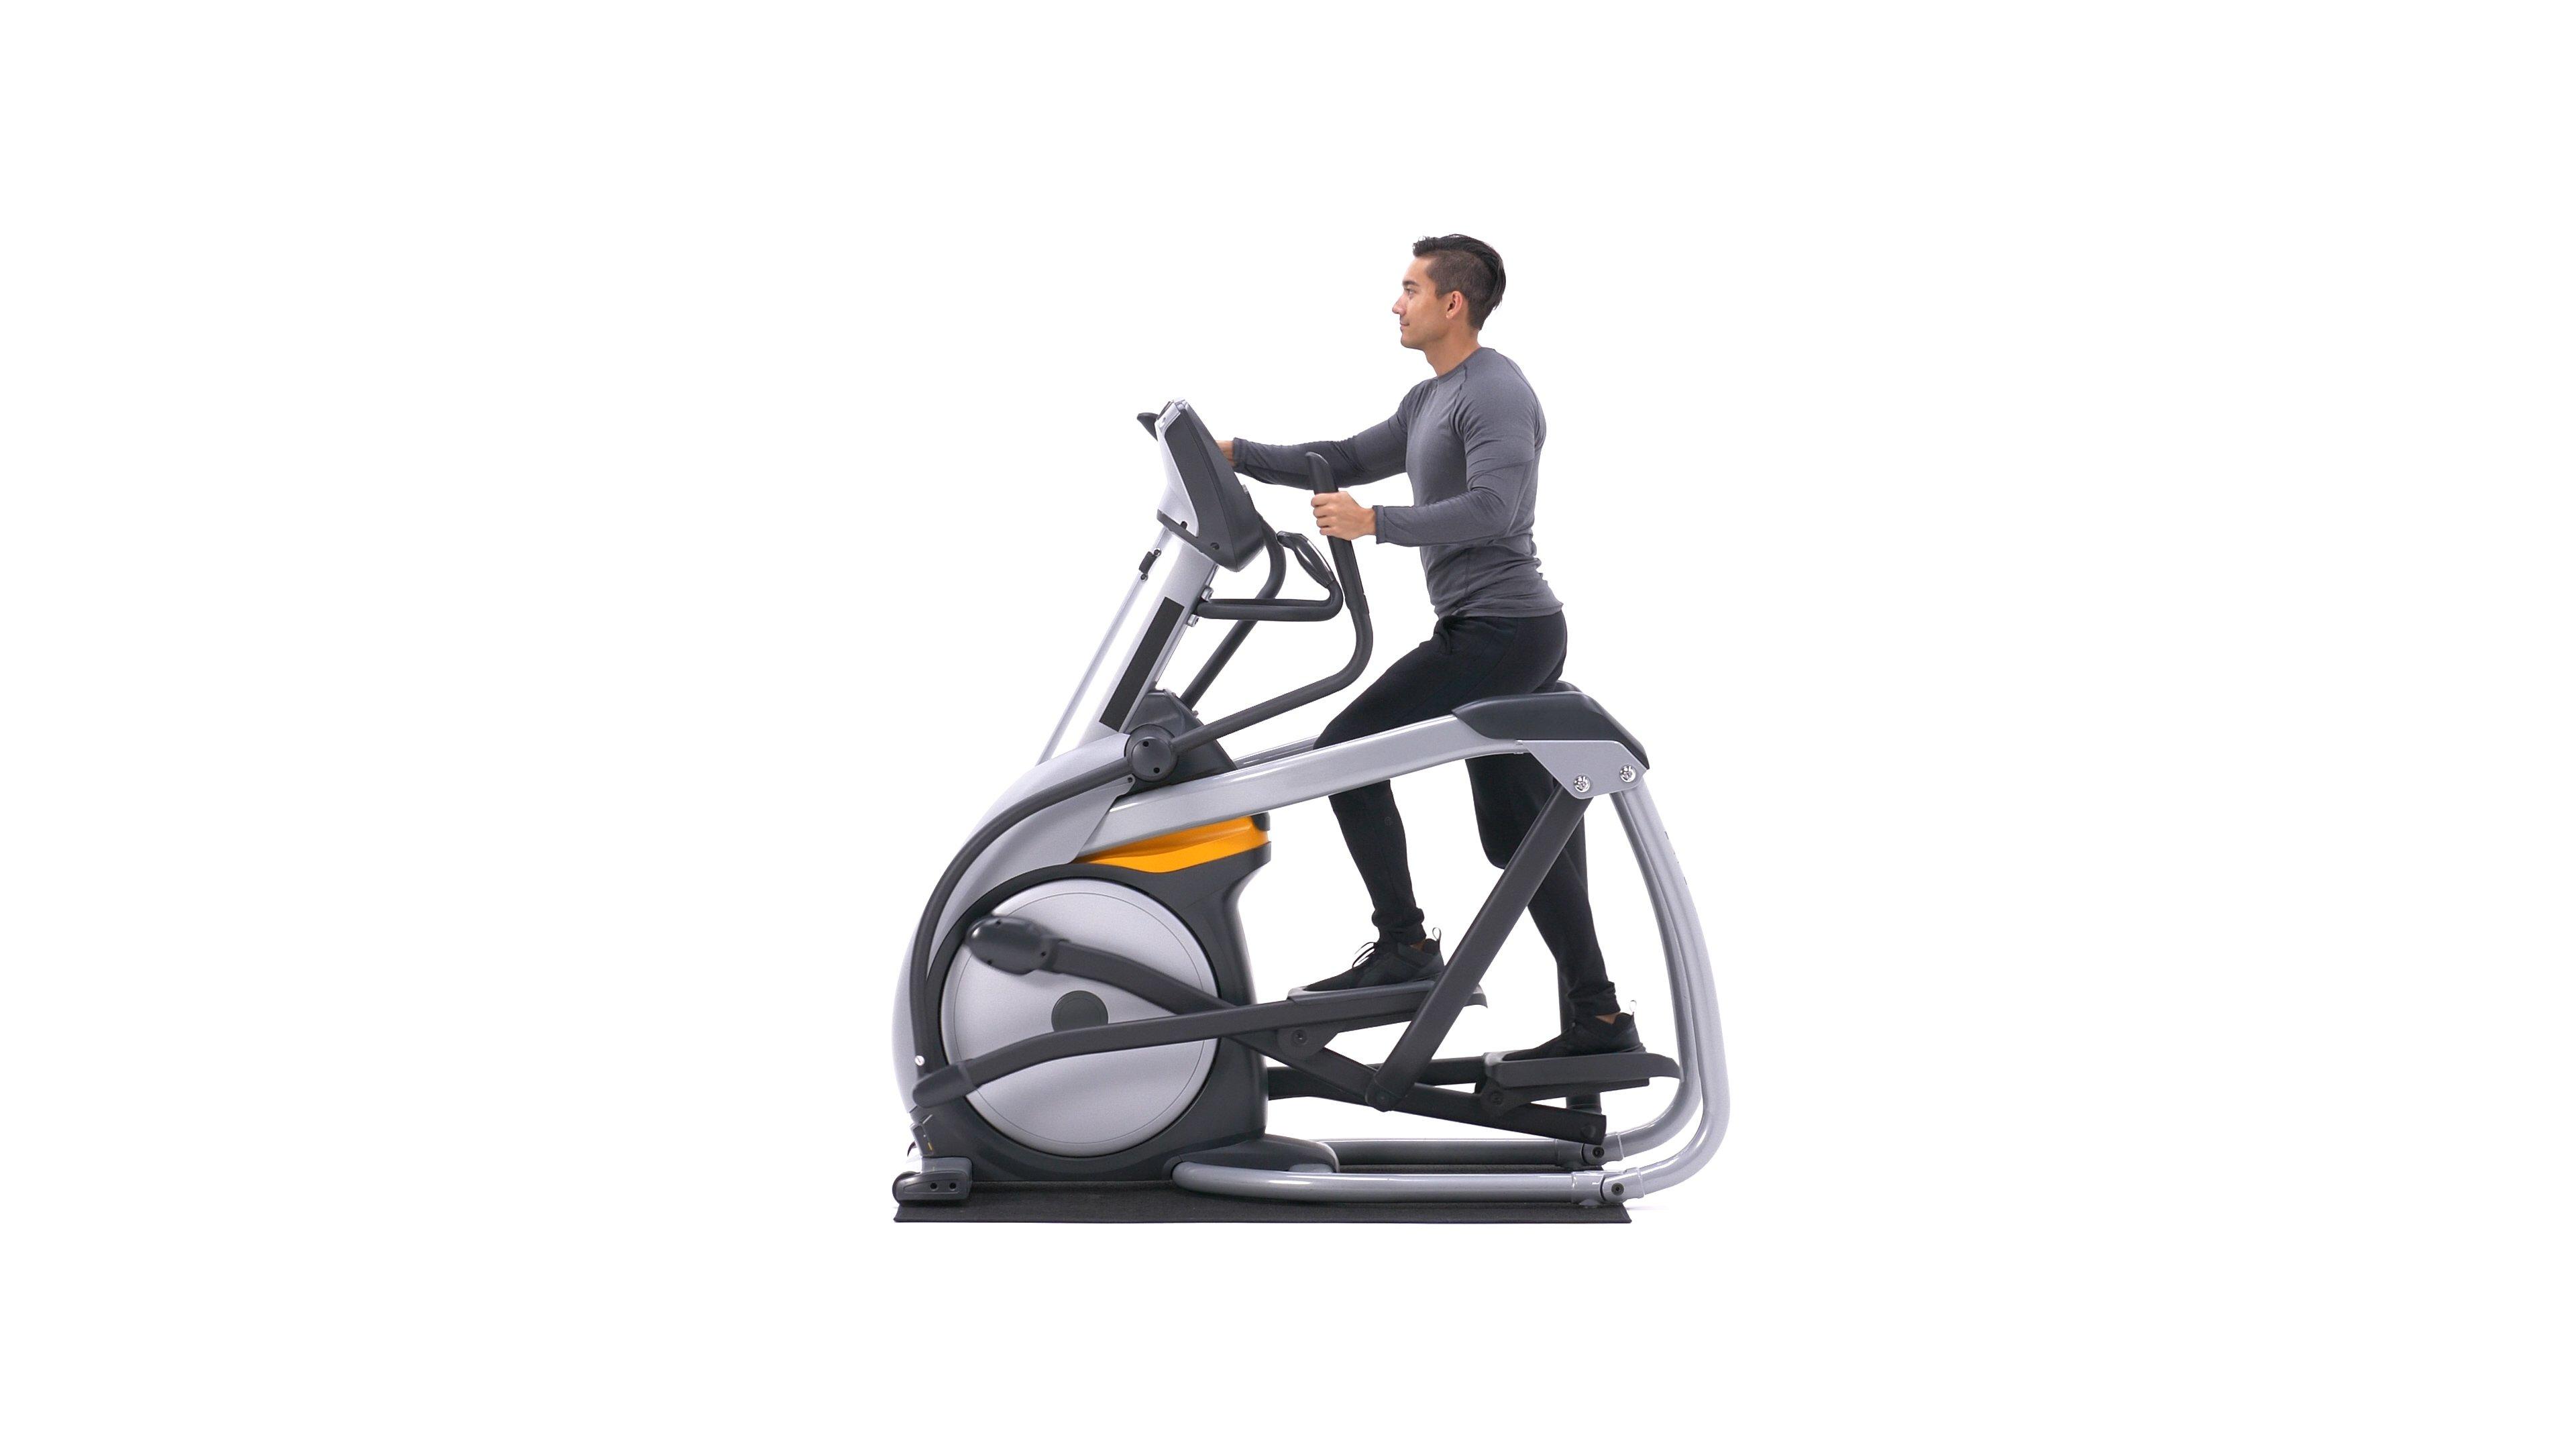 Elliptical trainer image